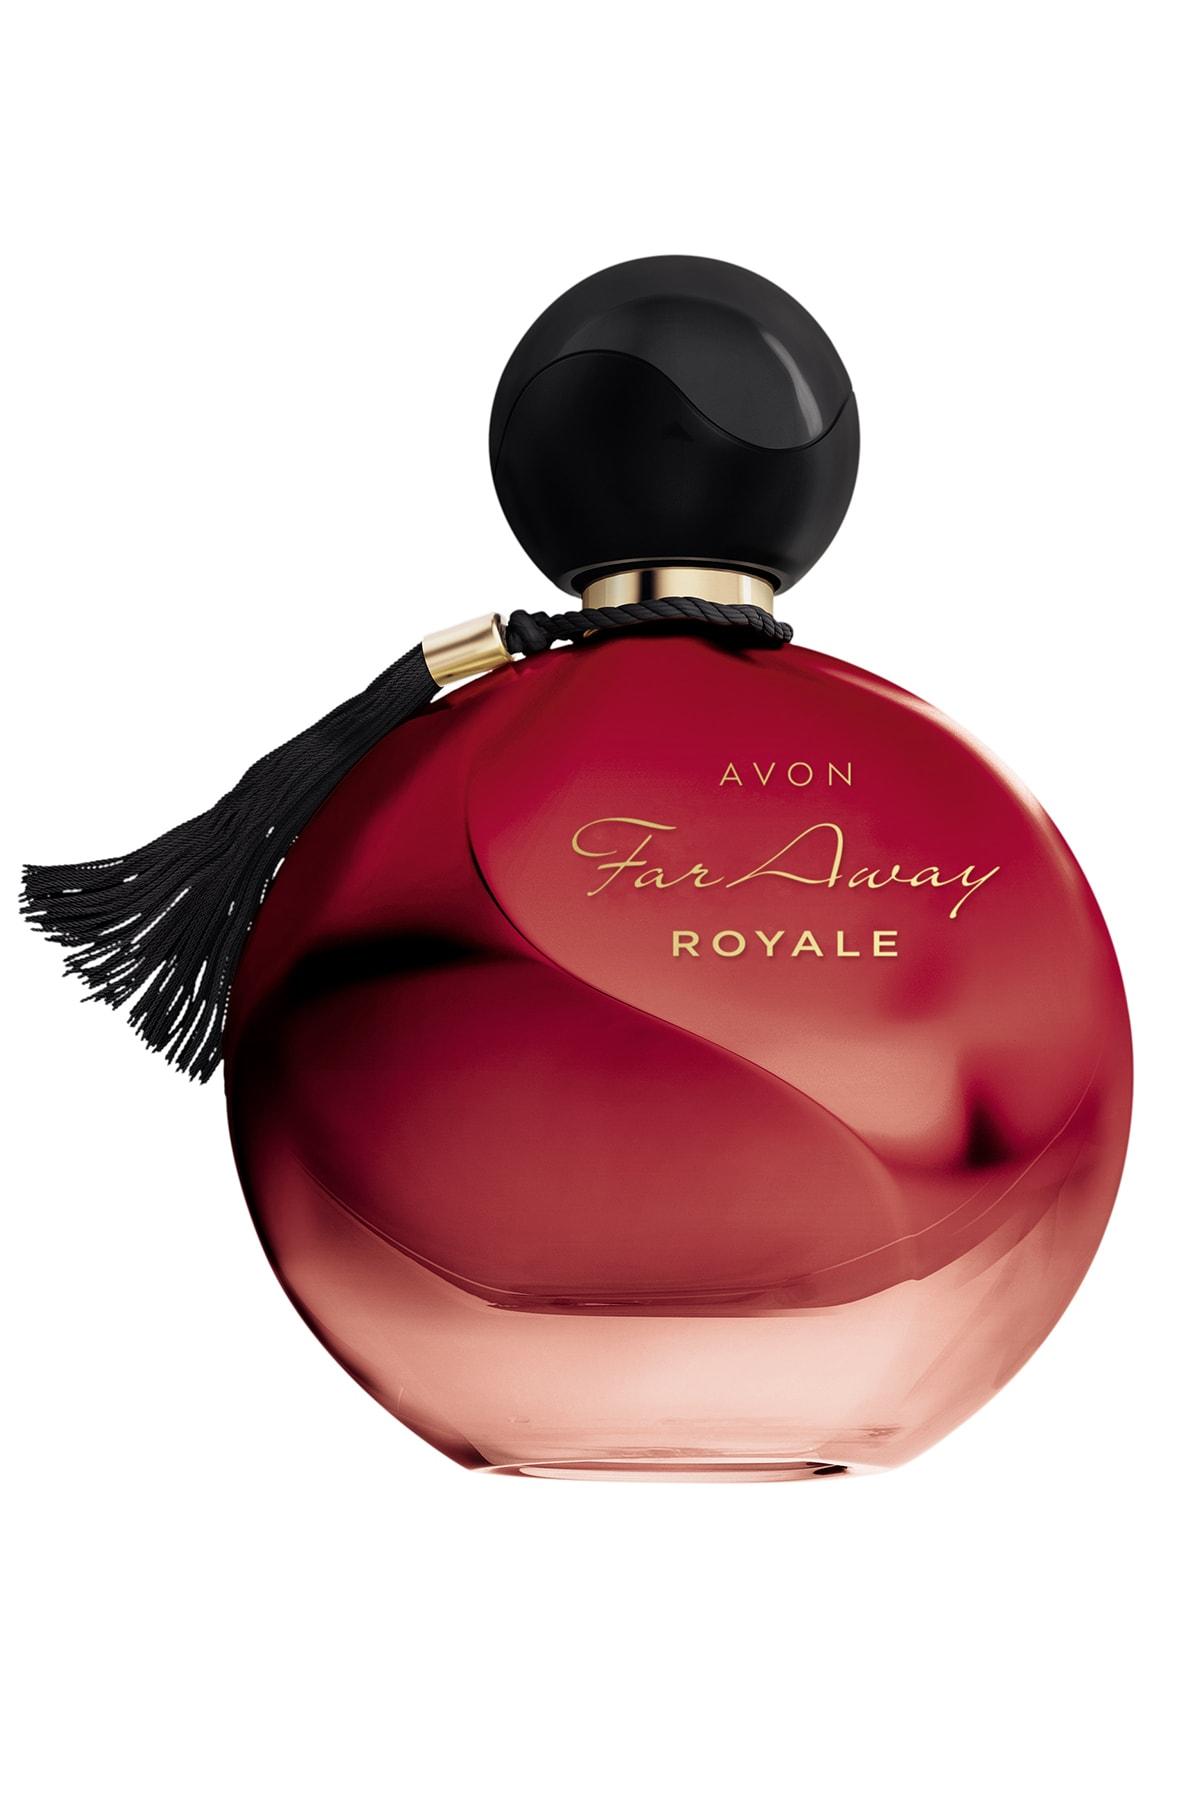 ng bizzi eau de parfum 80 ml woman perfume Headlight Away Royale 50 ml Eau De Parfum Women Perfume